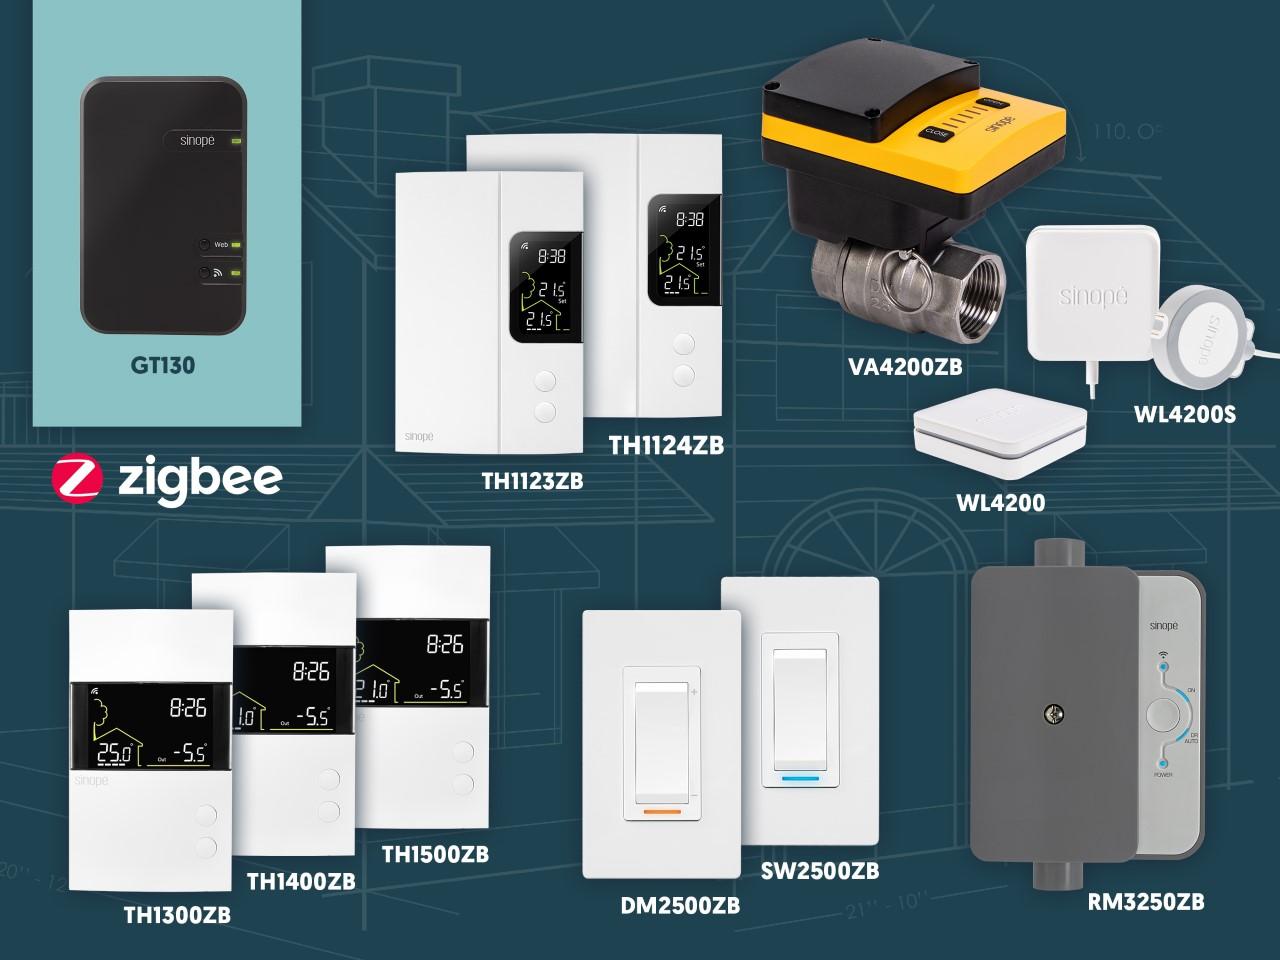 Les produits de domotiques pour maison intelligente passe au Zigbee